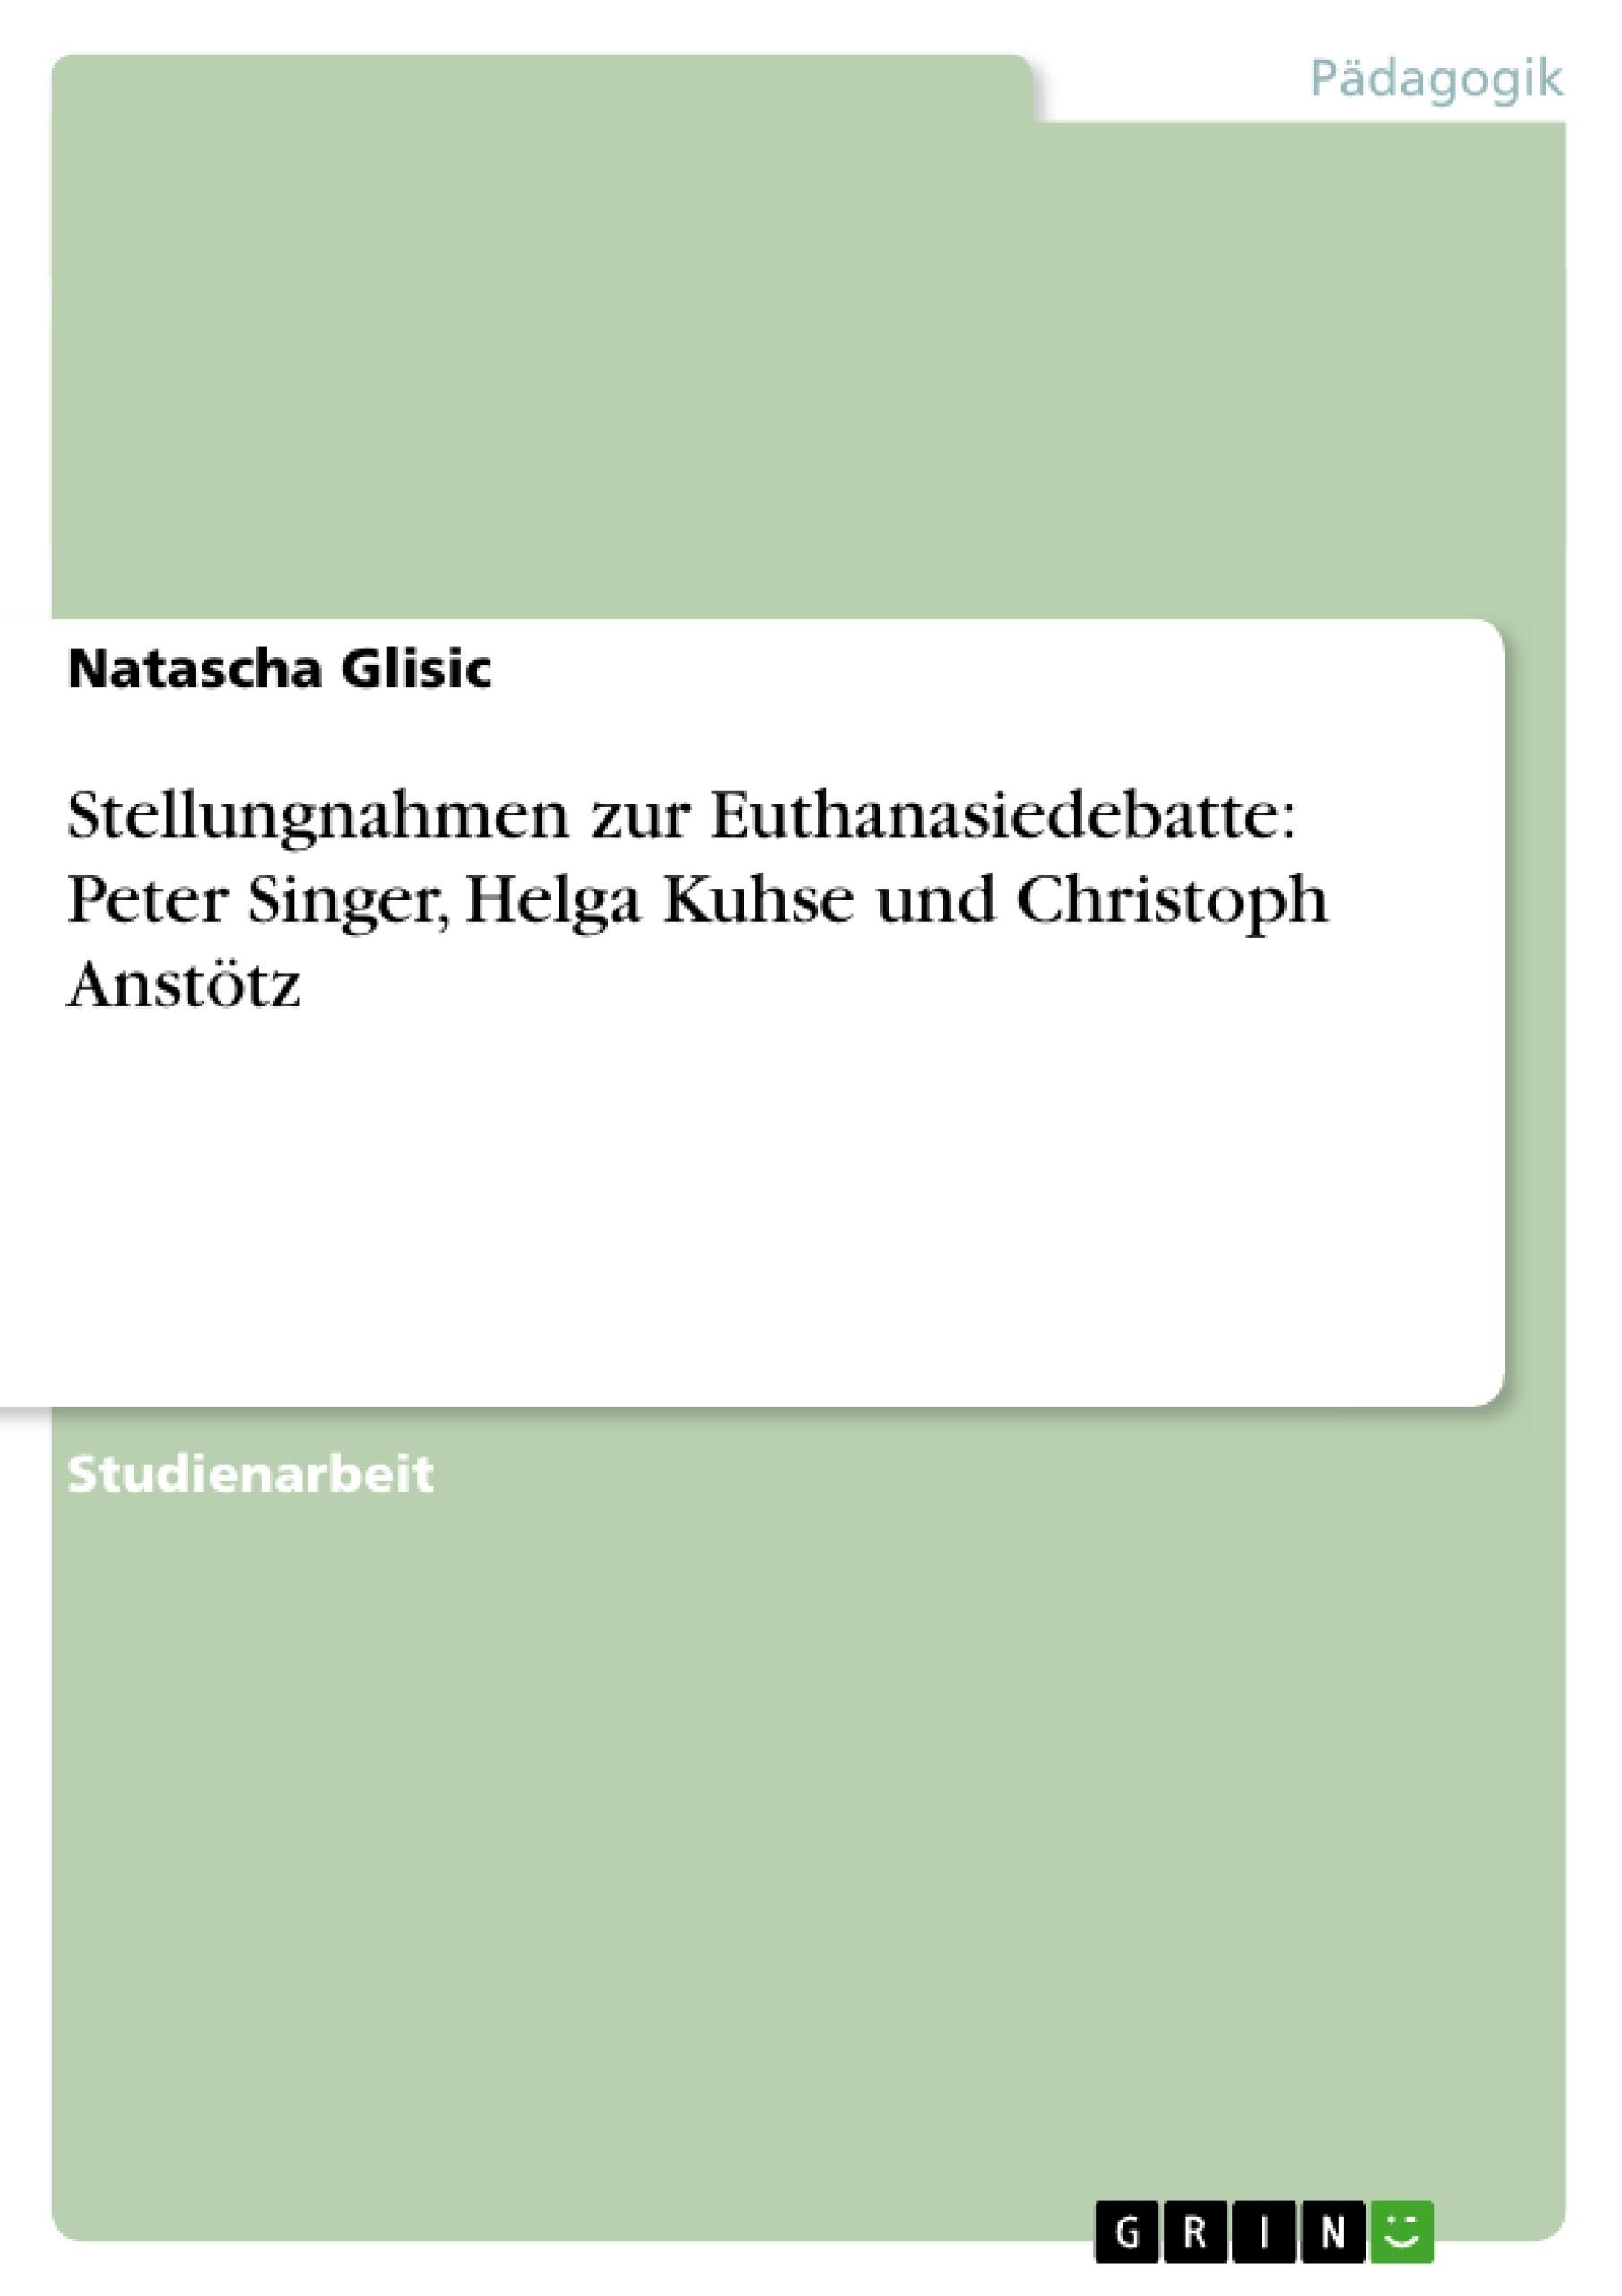 Titel: Stellungnahmen zur Euthanasiedebatte: Peter Singer, Helga Kuhse und Christoph Anstötz